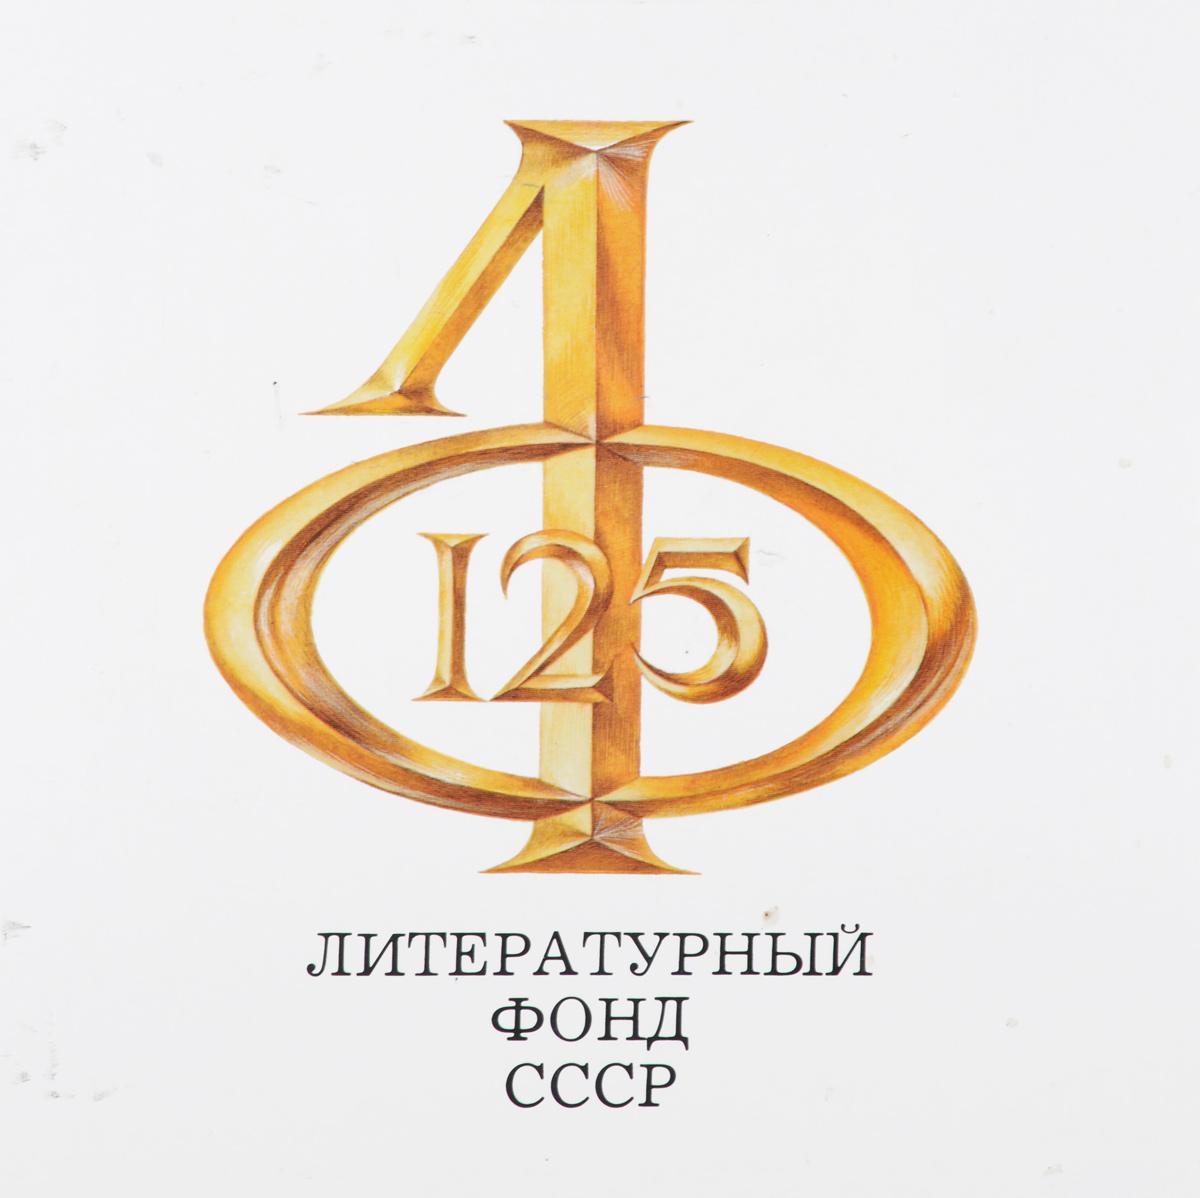 Литературному фонду СССР - 125 лет